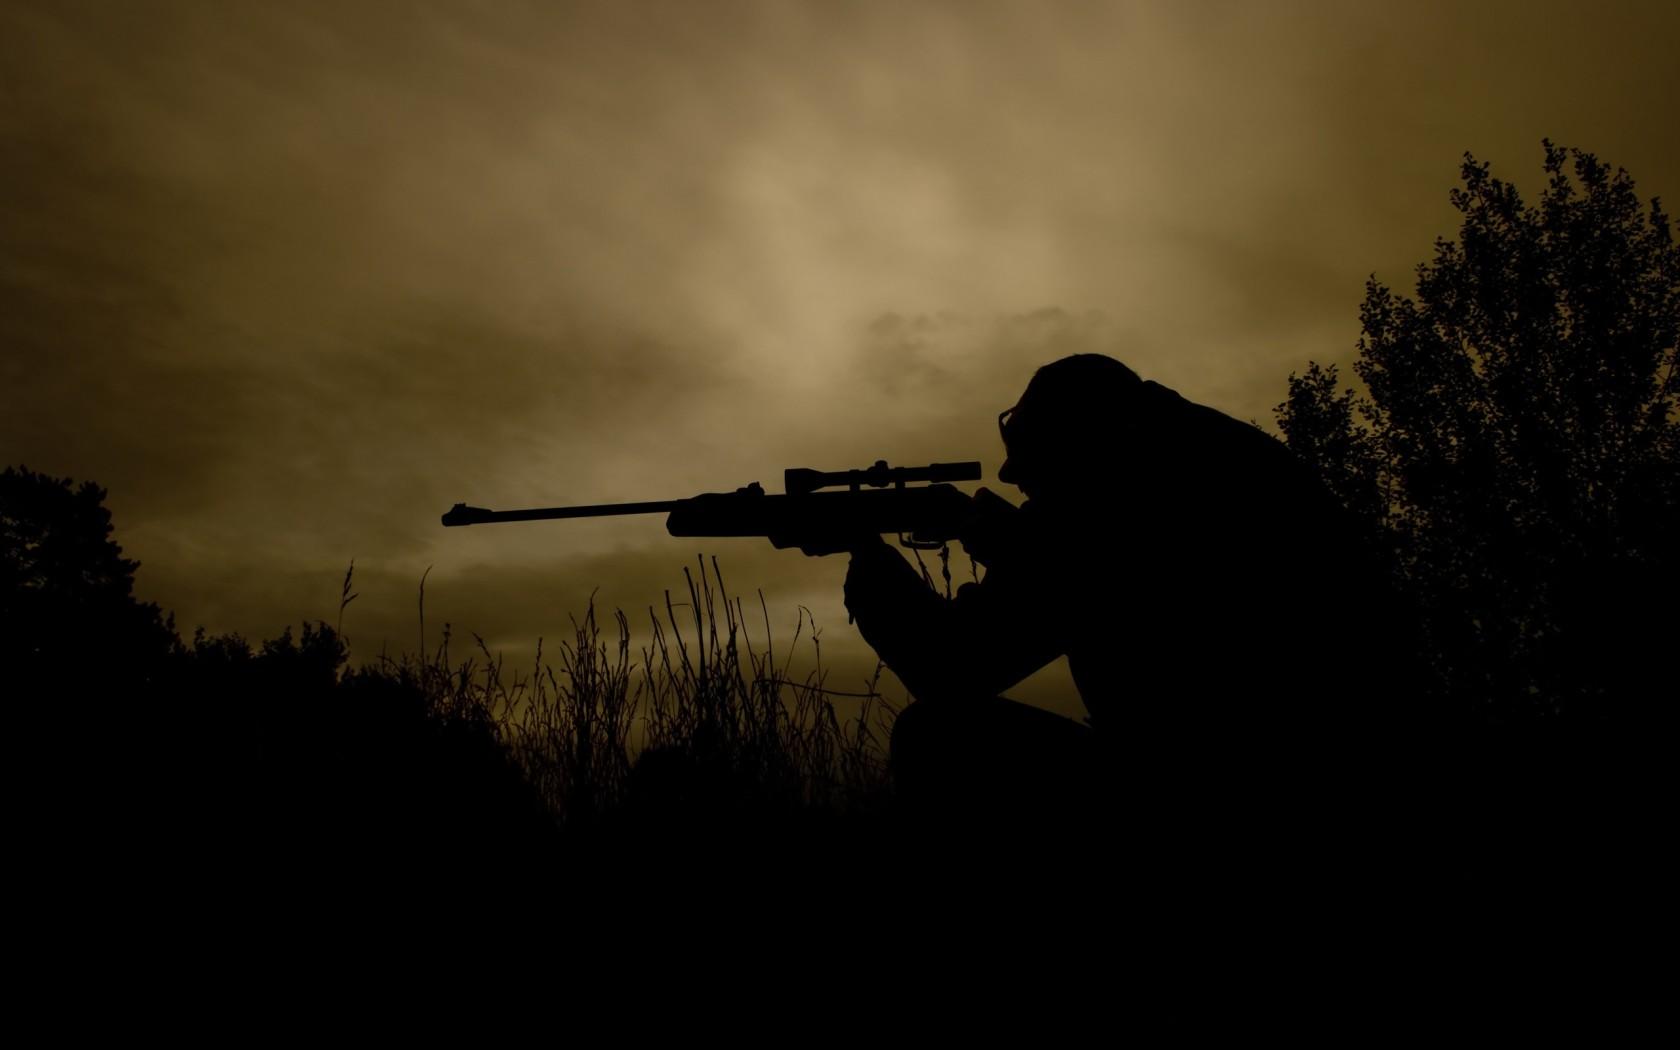 sniper soldier wallpaper, скачать фото, обои для рабочего стола, солдат, снайпер